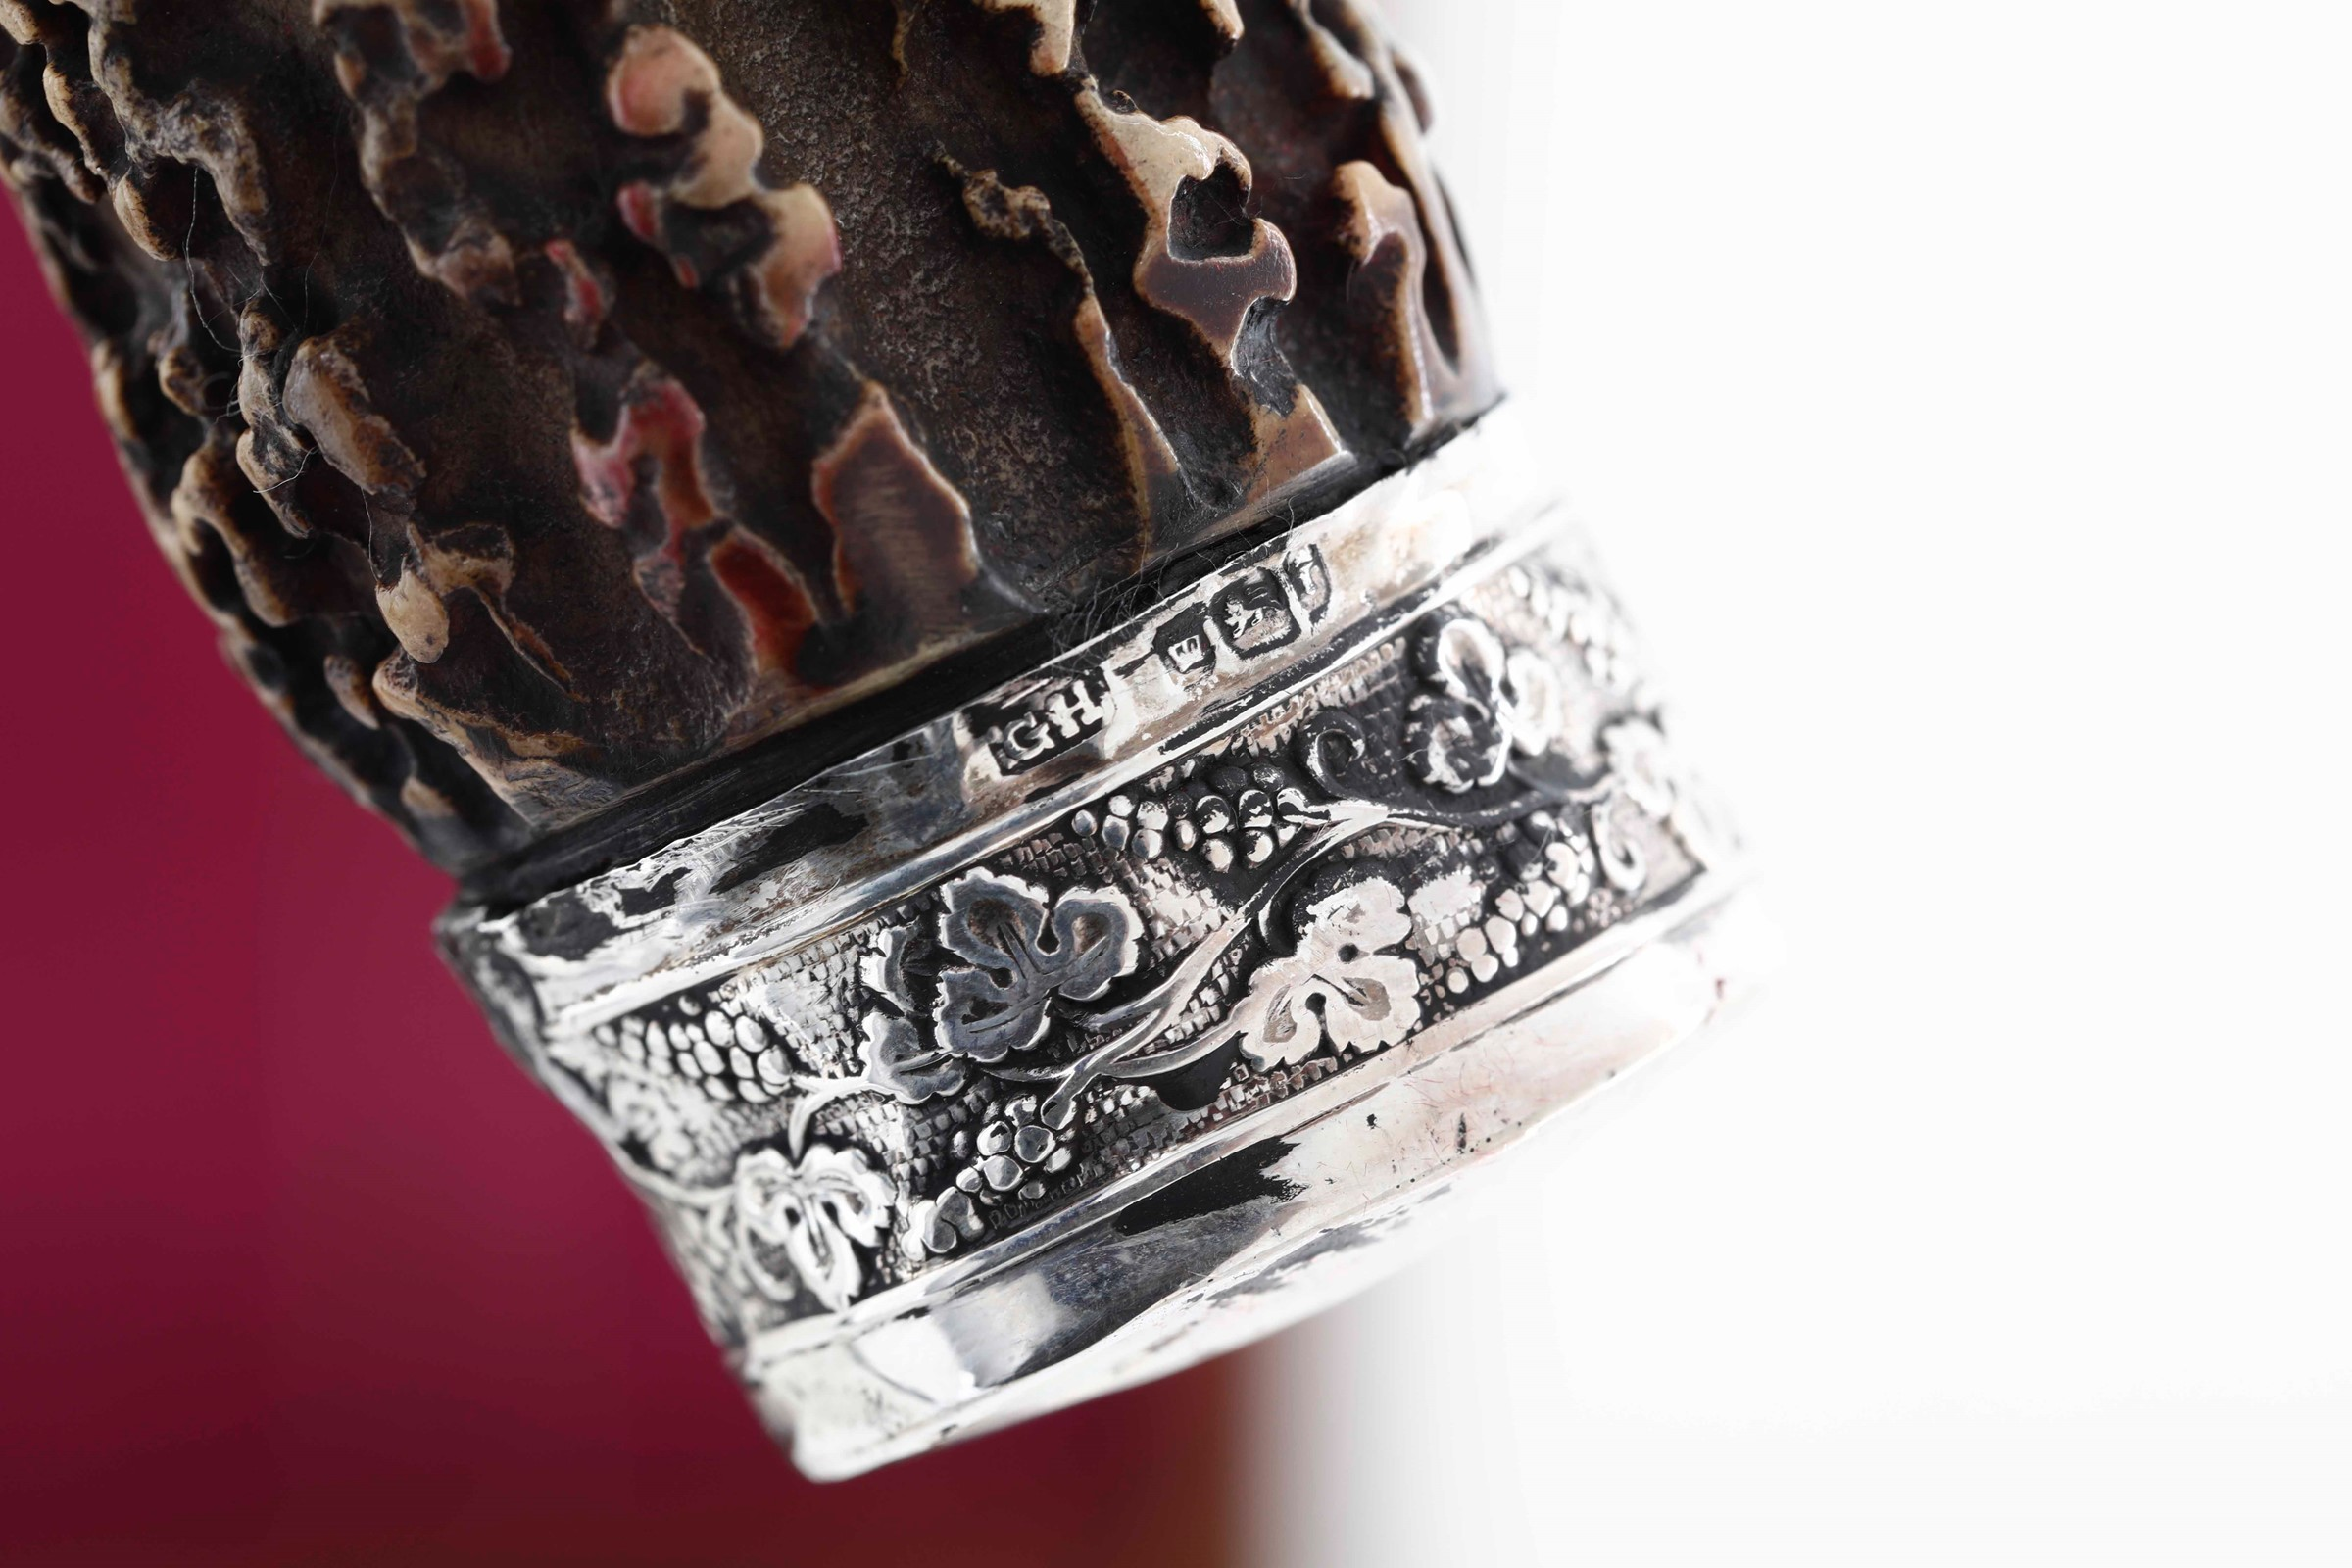 Set di posate da arrosto con finiture in argento e manici in corno, Inghilterra XX [...] - Image 2 of 4